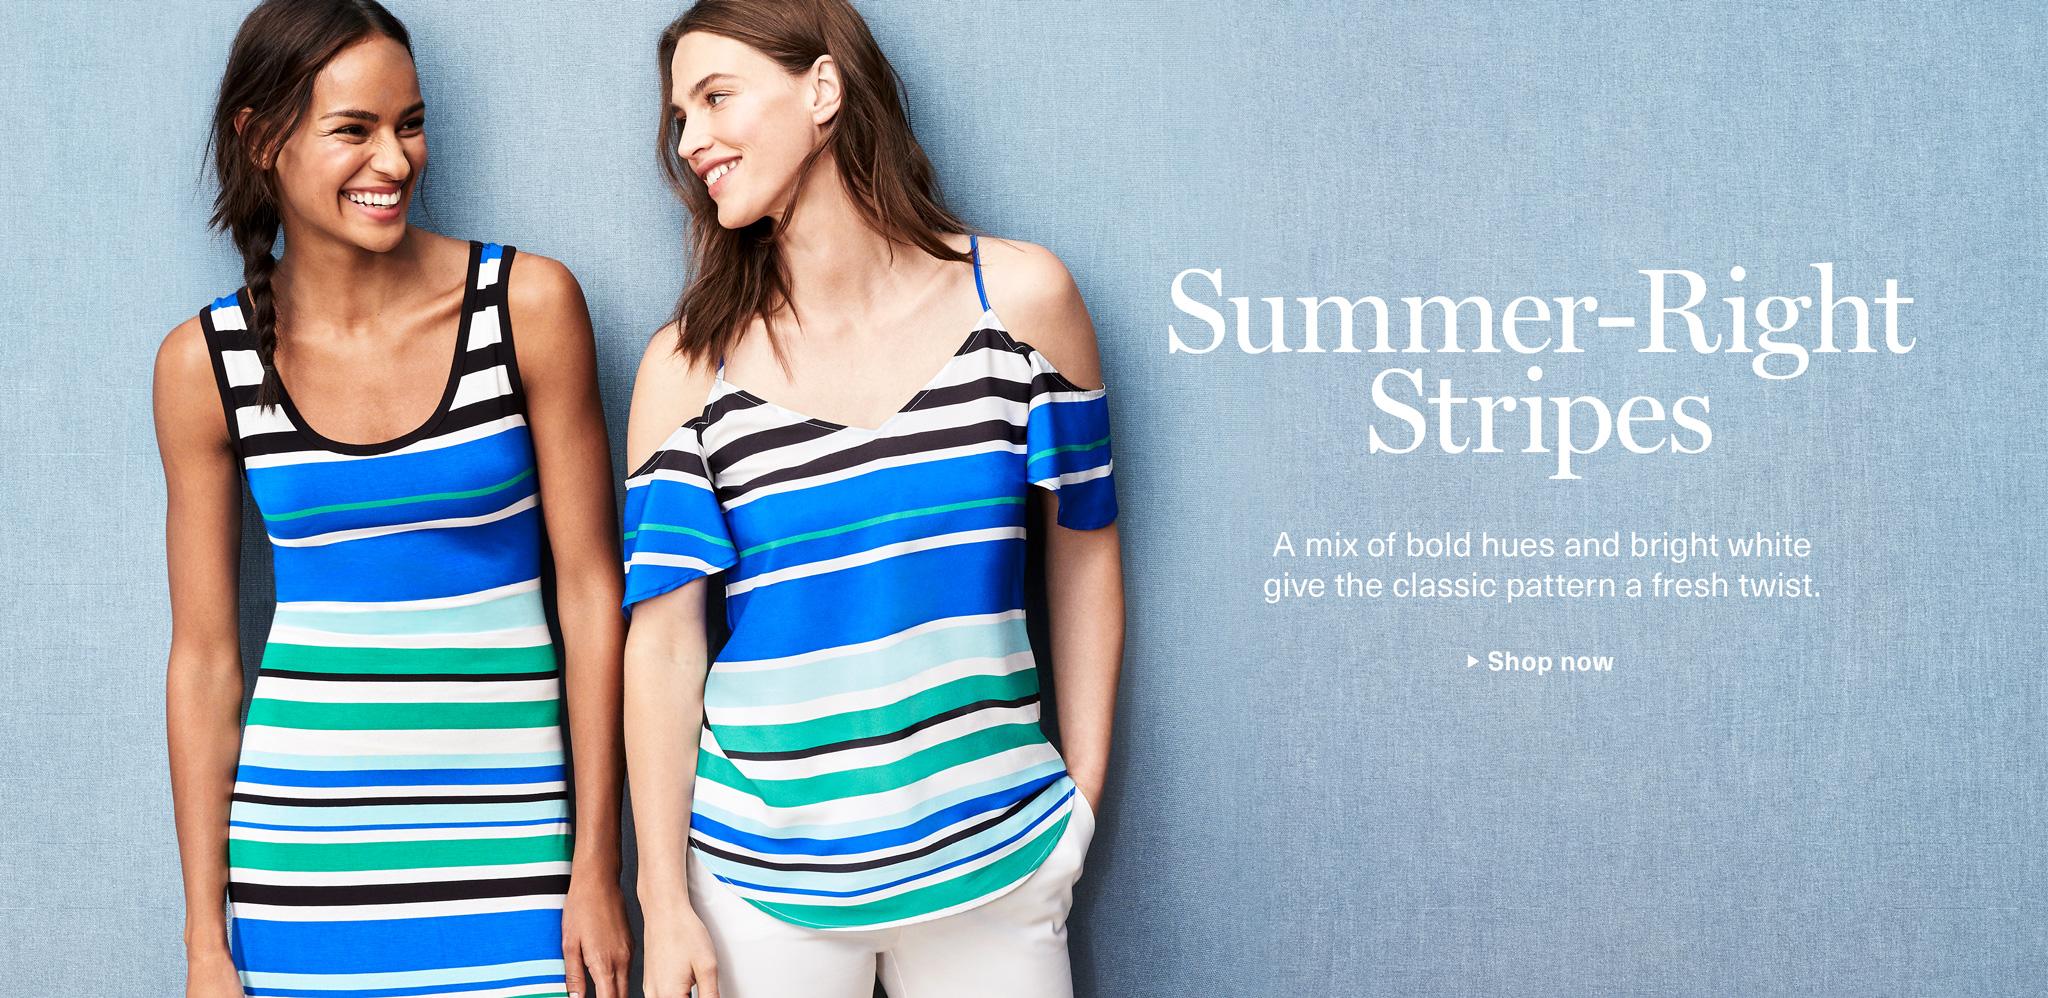 Summer-Right Stripes